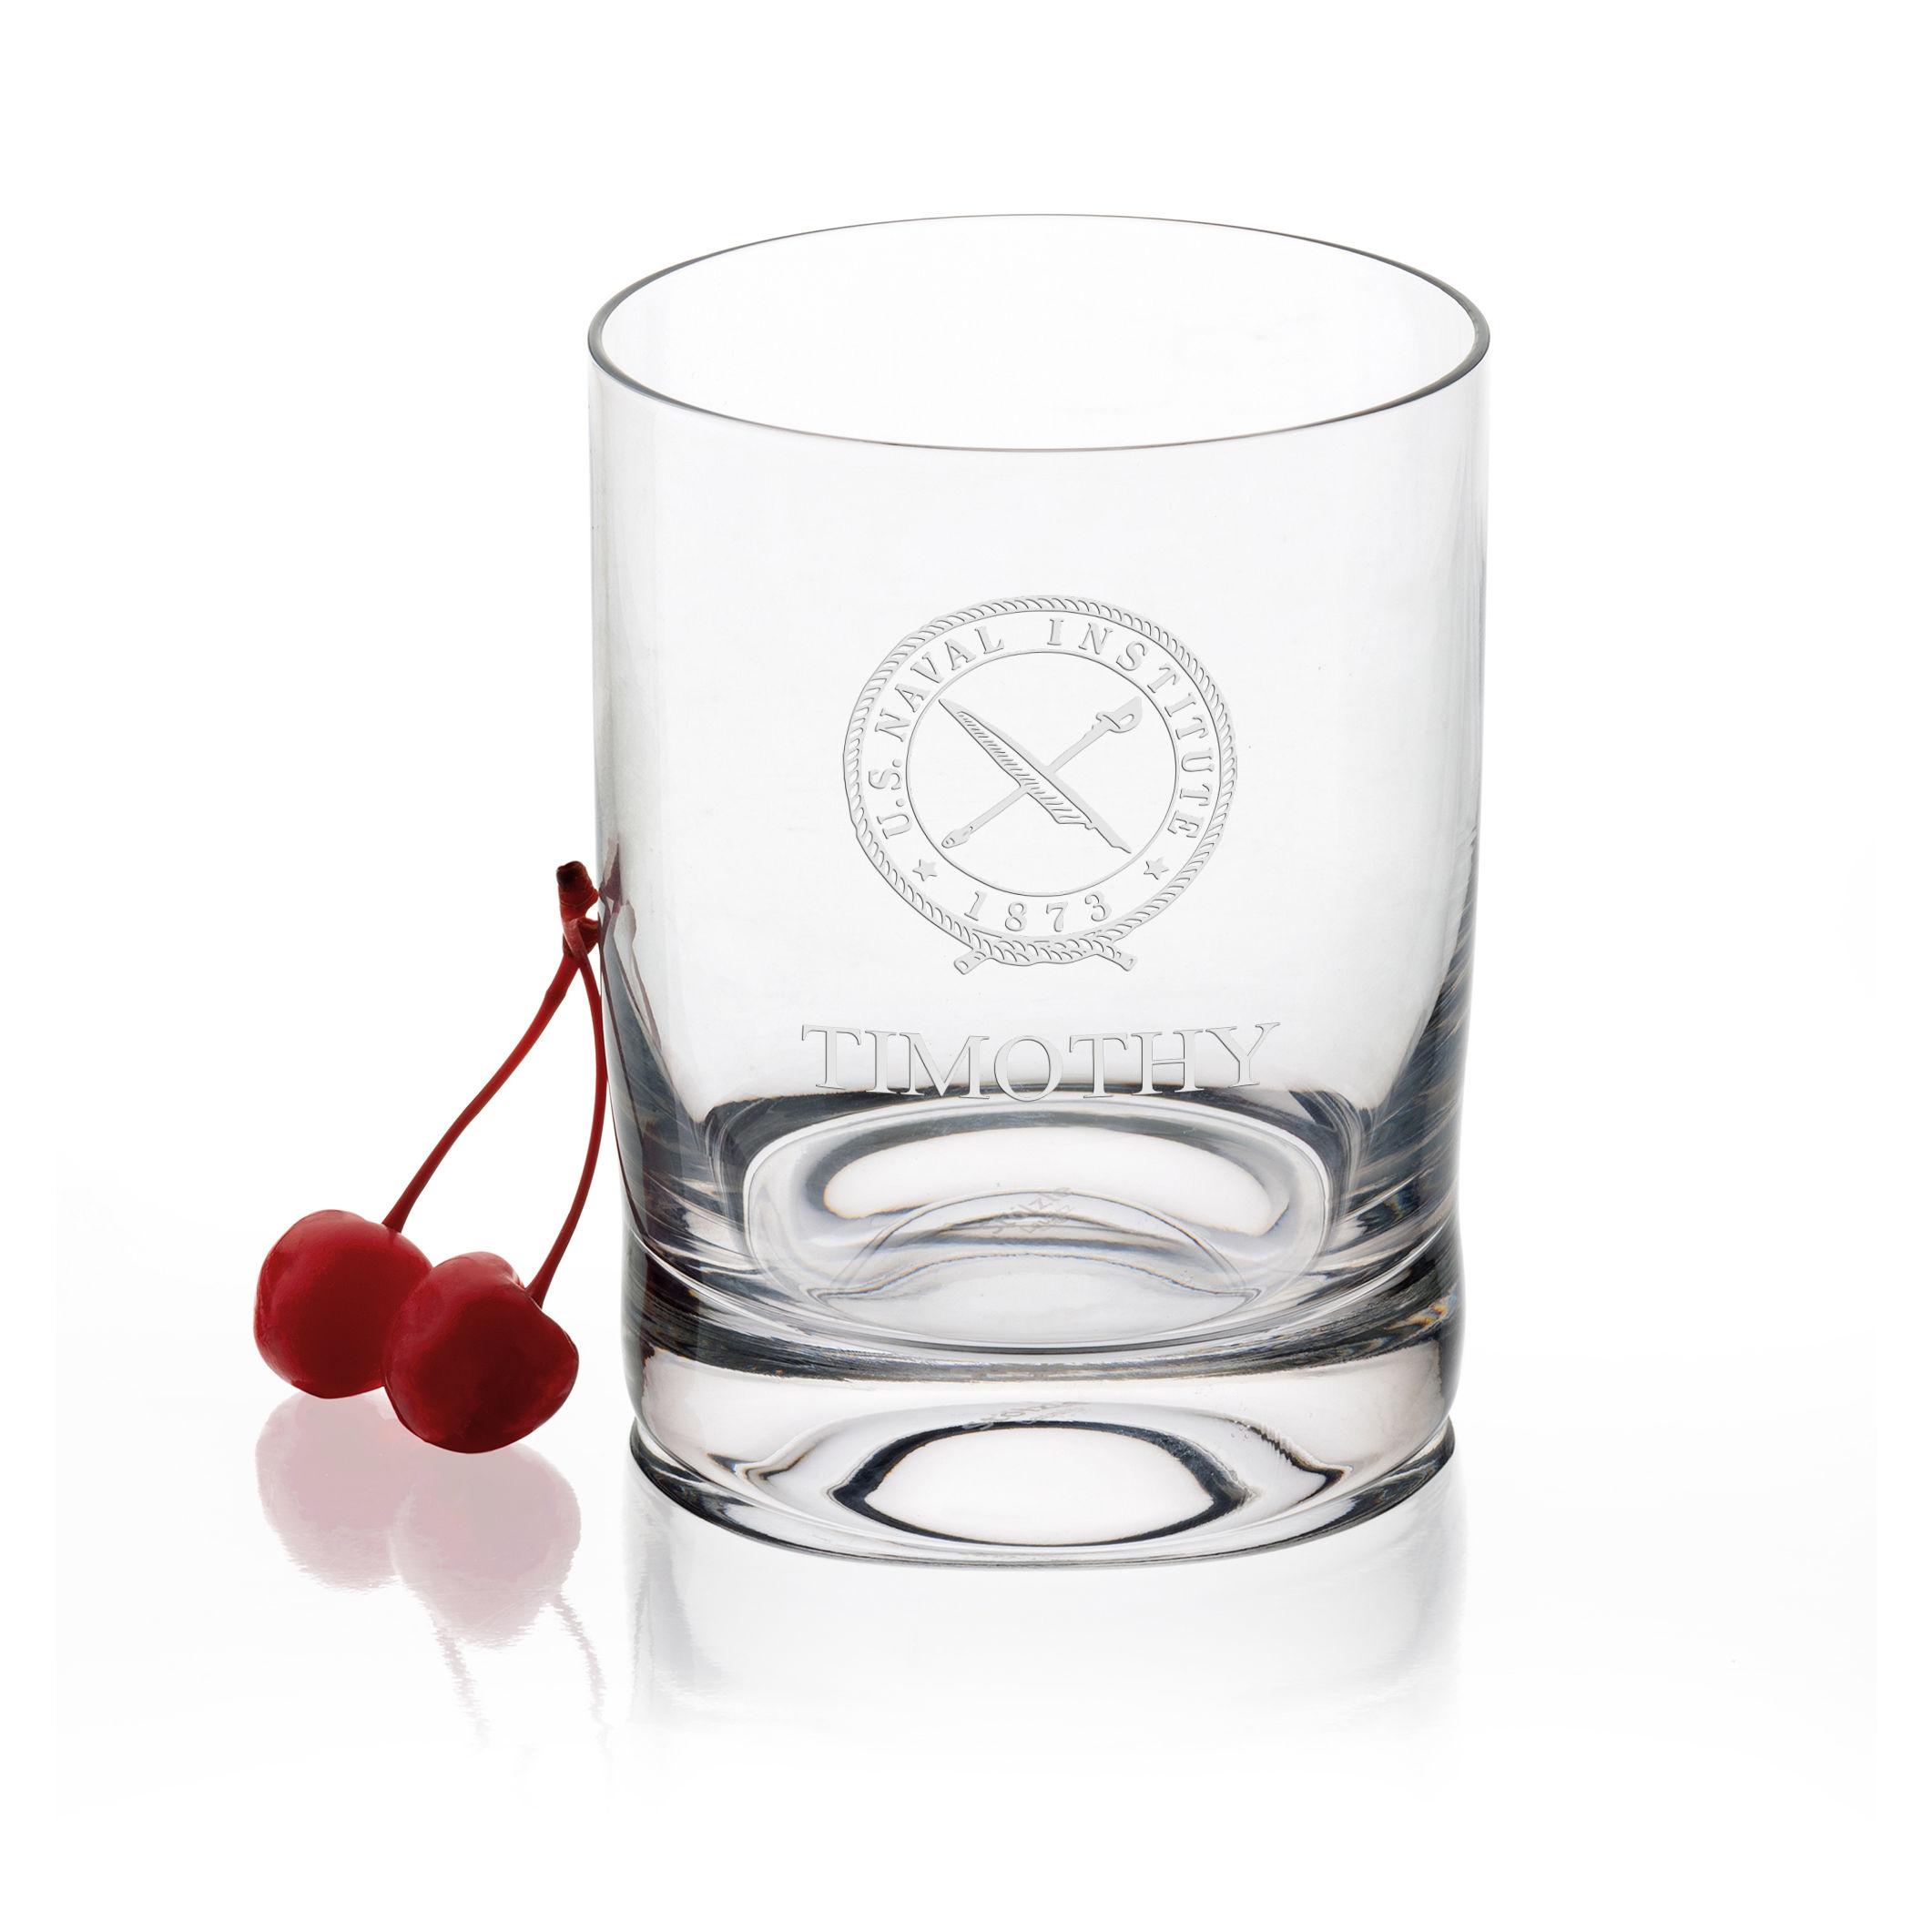 U.S. Naval Institute Tumbler Glasses - Set of 2